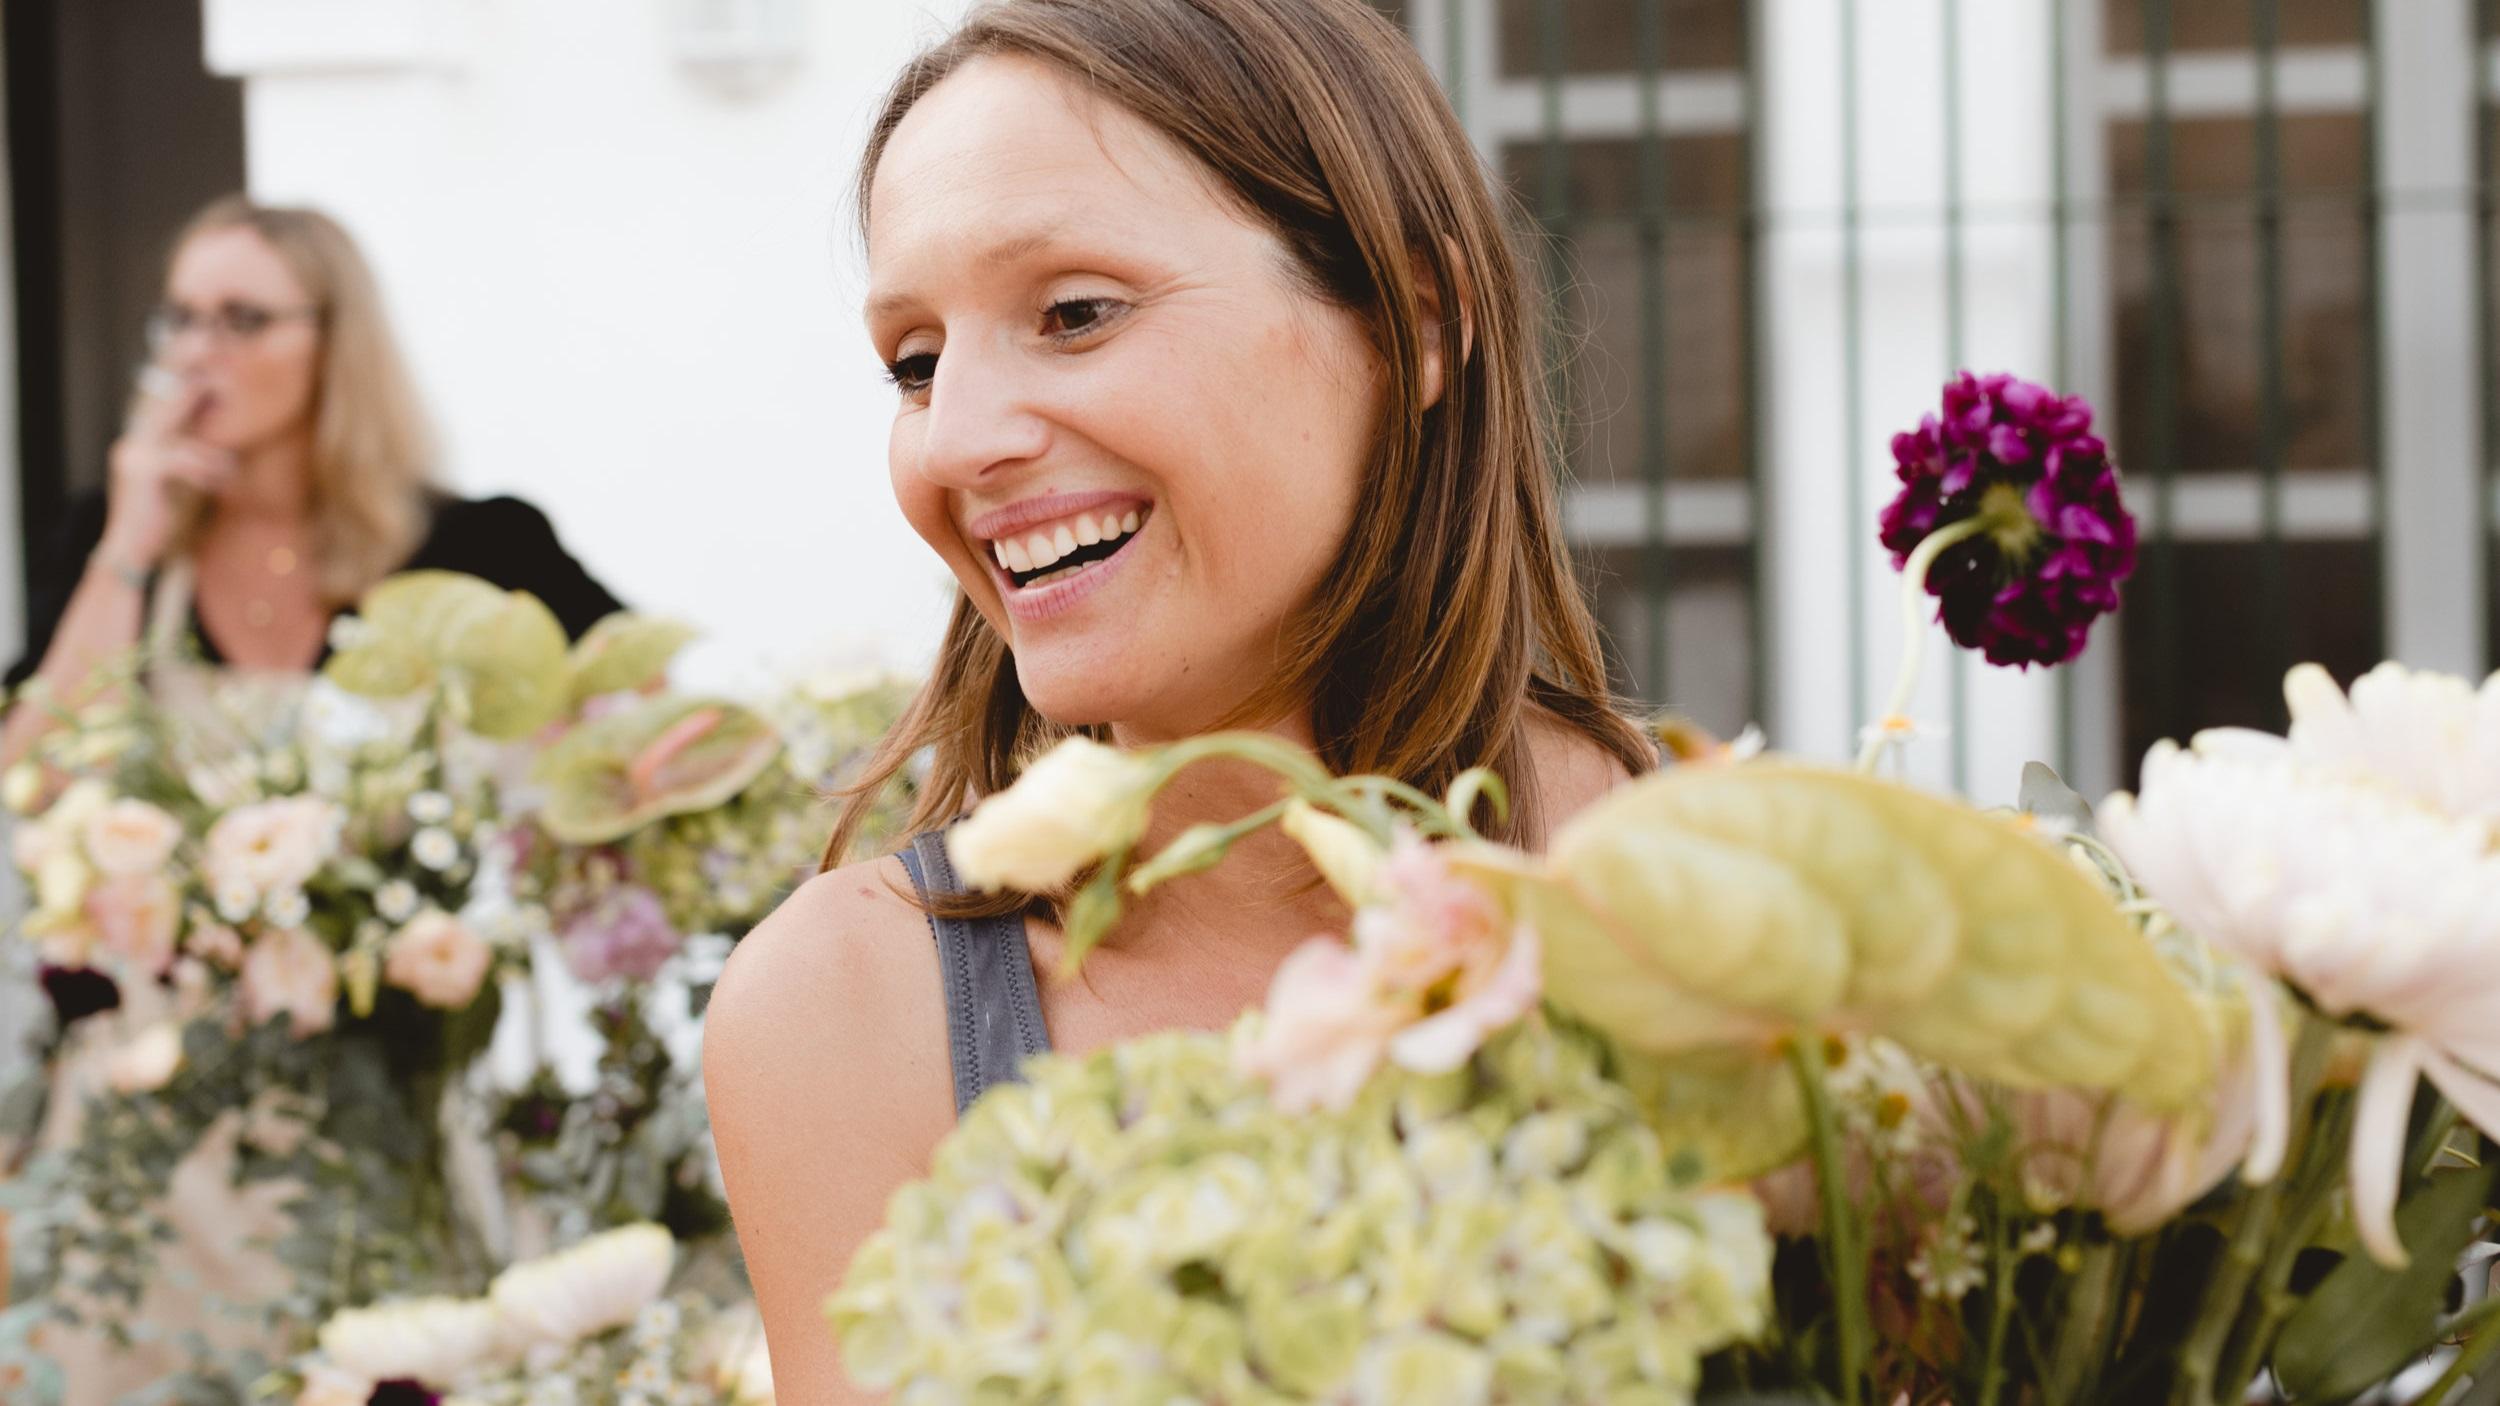 ENDLESS SPRING - ATEMP nace como una nueva propuesta de diseño floral en la provincia de Cádiz, ofreciendo sus servicios a nivel nacional.¡Entra en el mundo ATEMP, te estamos esperando!